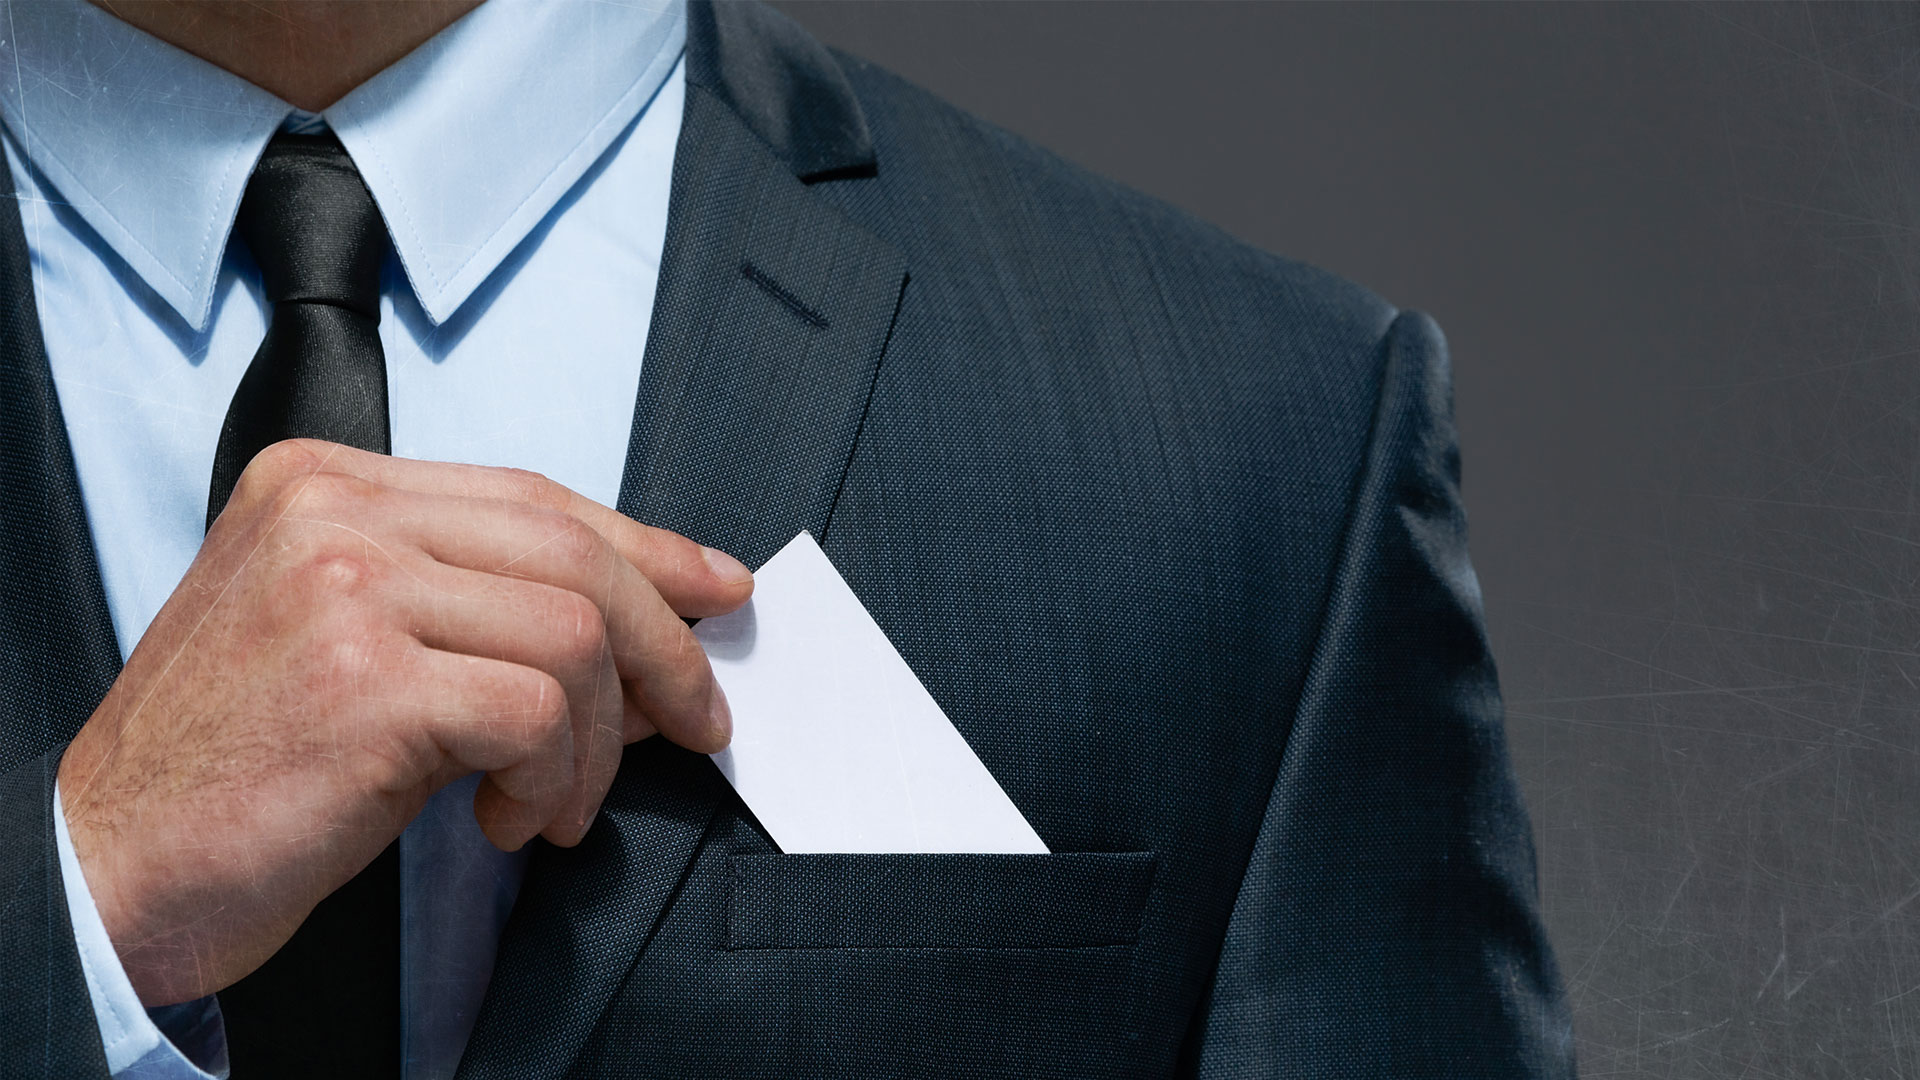 Акция юридические услуги для индивидуальным предпринимателям